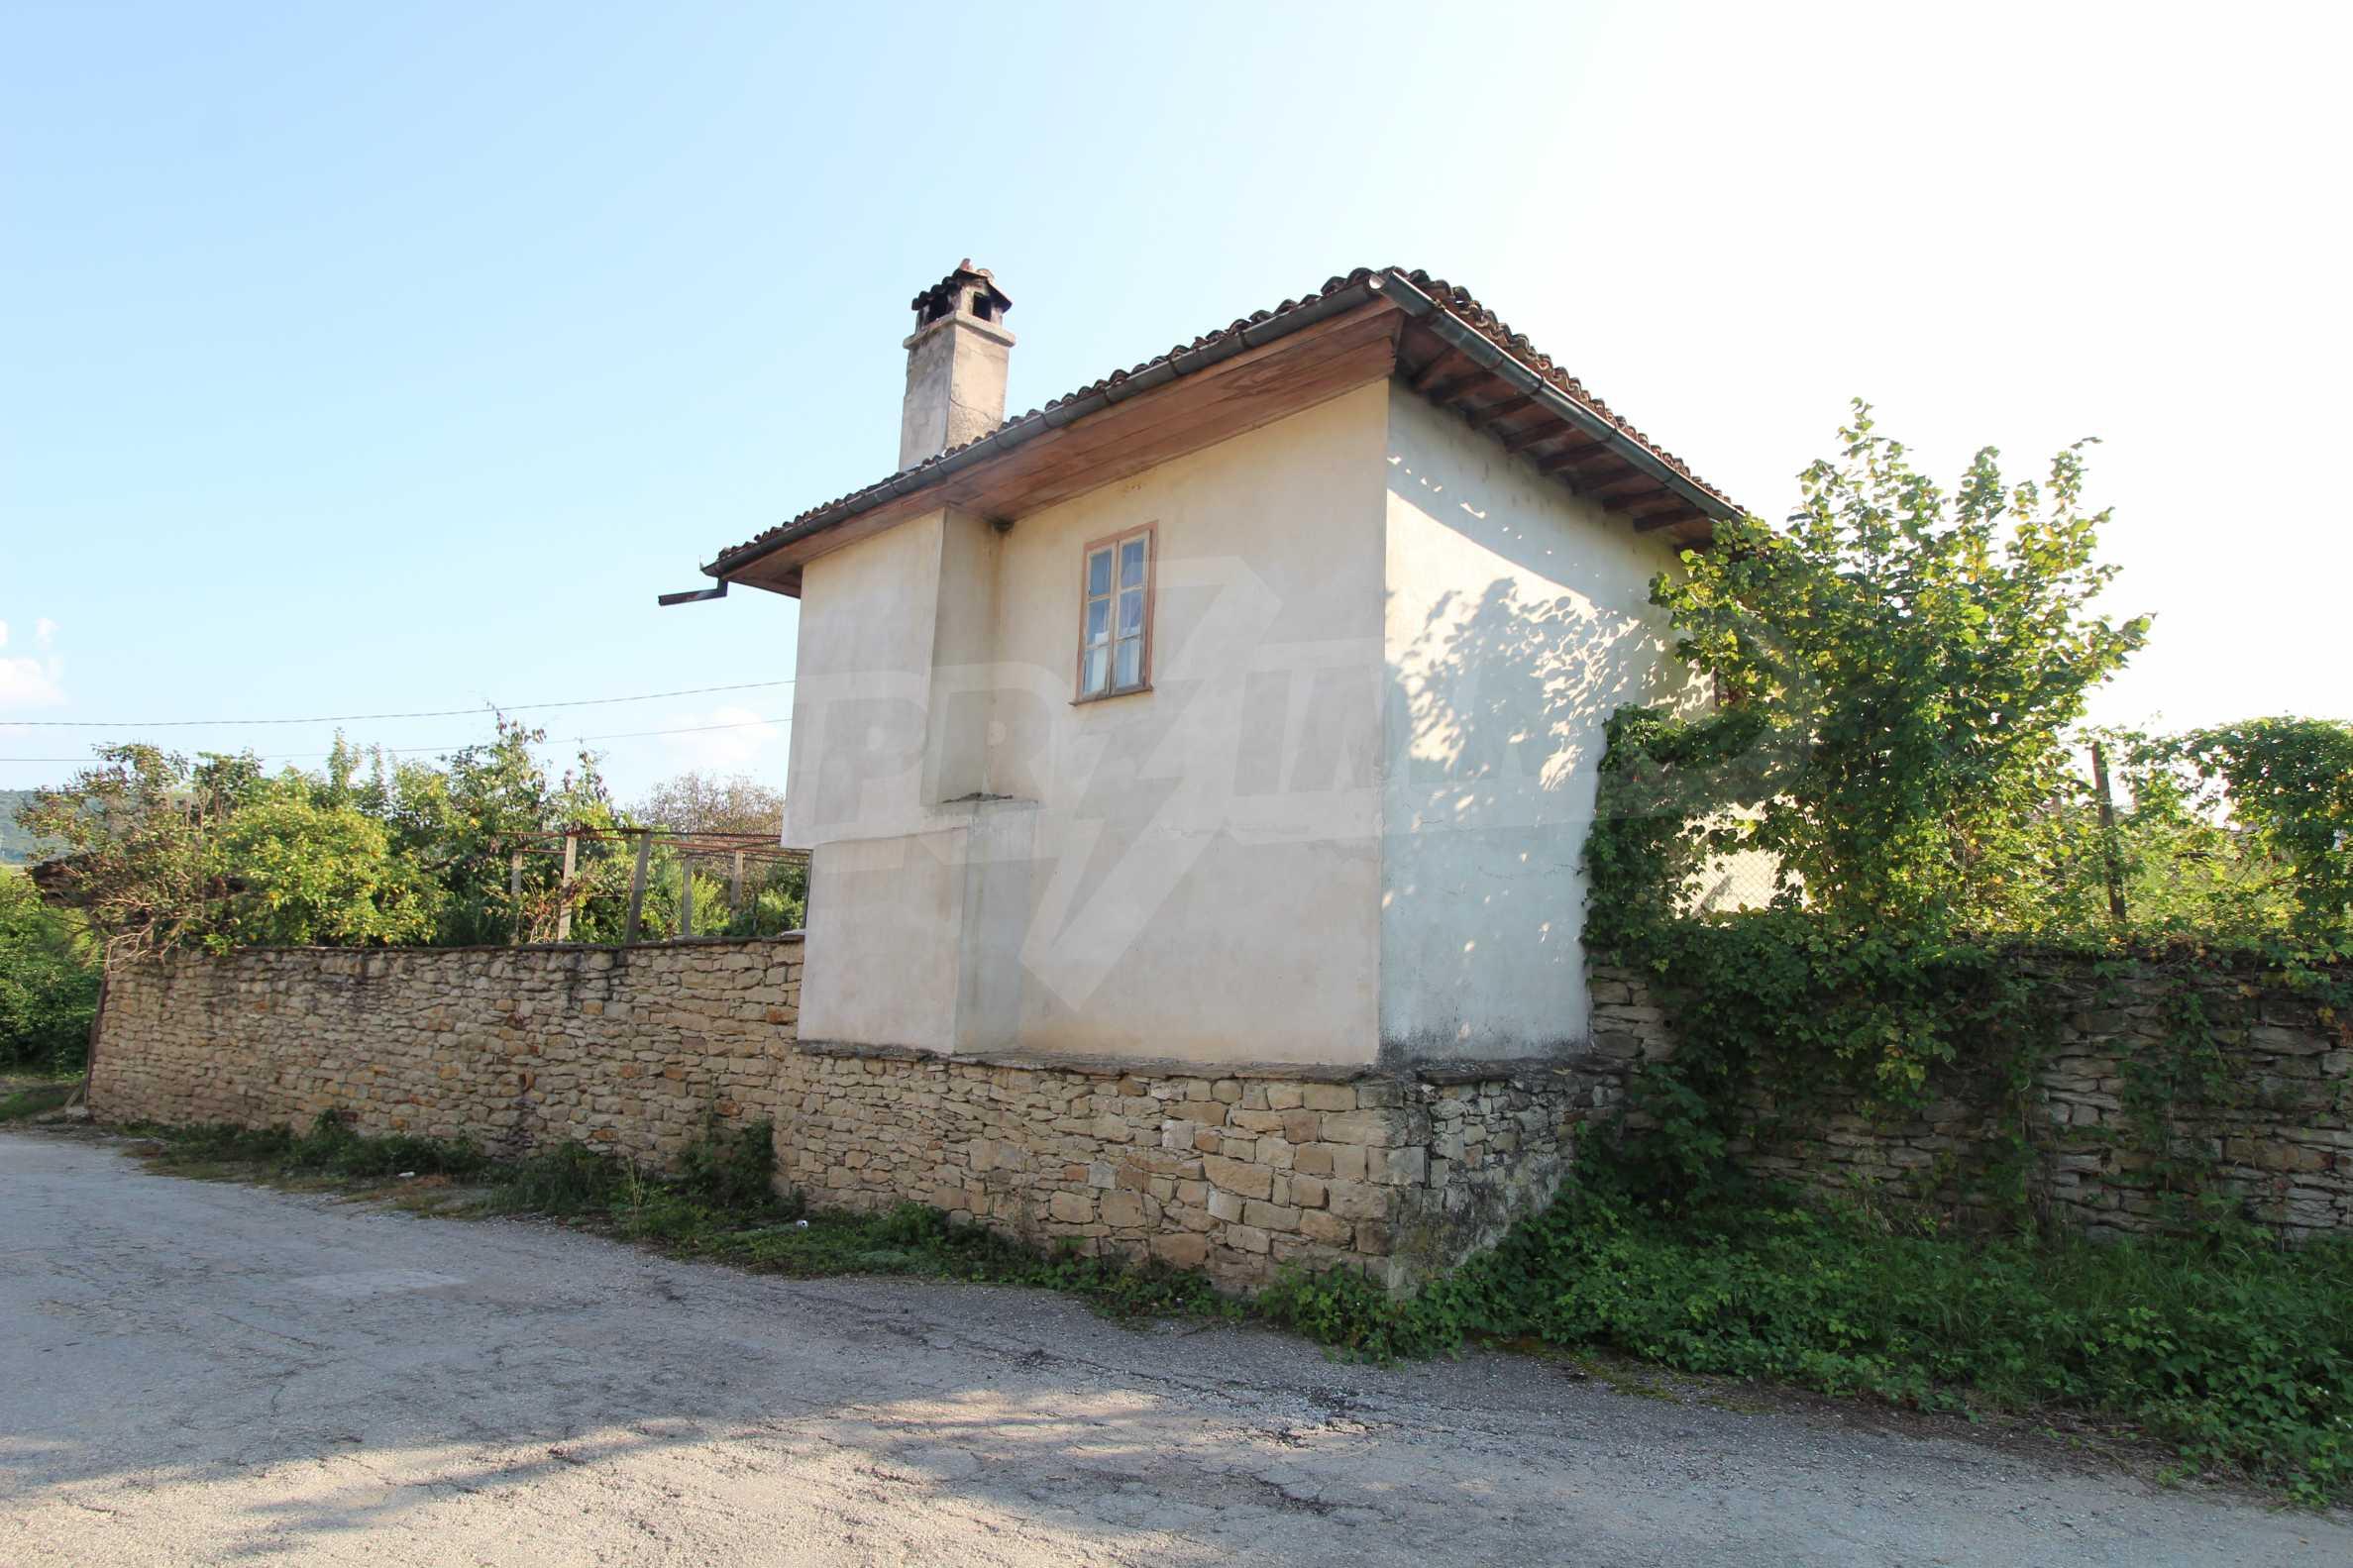 Zweistöckiges Haus mit Hof, 3 km von Weliko Tarnowo entfernt